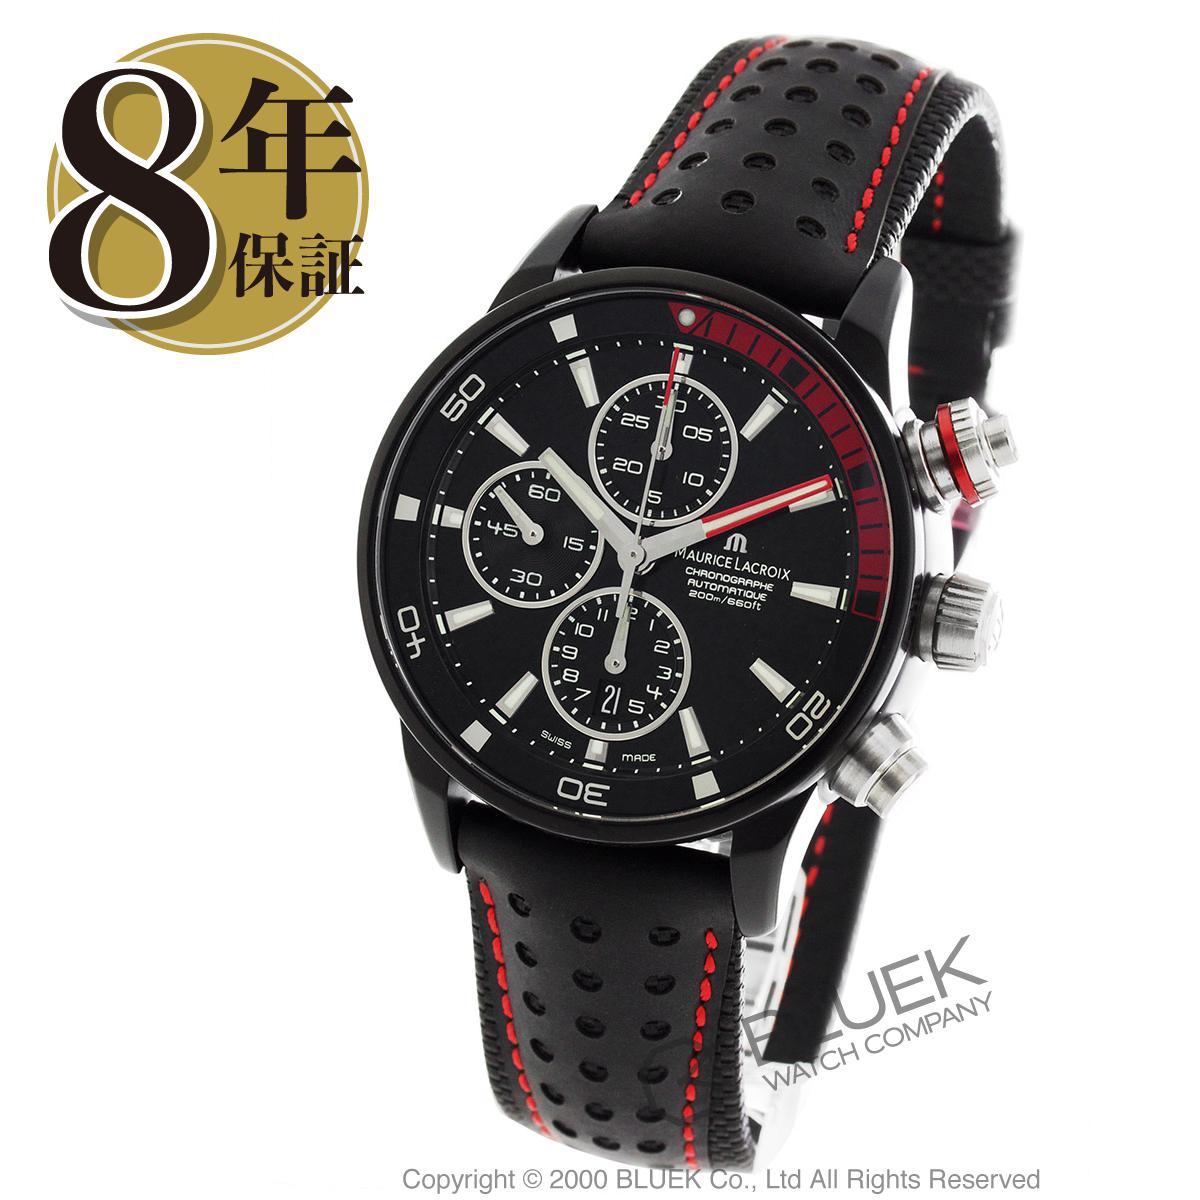 モーリス・ラクロア ポントスS エクストリーム クロノグラフ 世界限定999本 替えベルト付き 腕時計 メンズ MAURICE LACROIX PT6028-ALB01-331_8